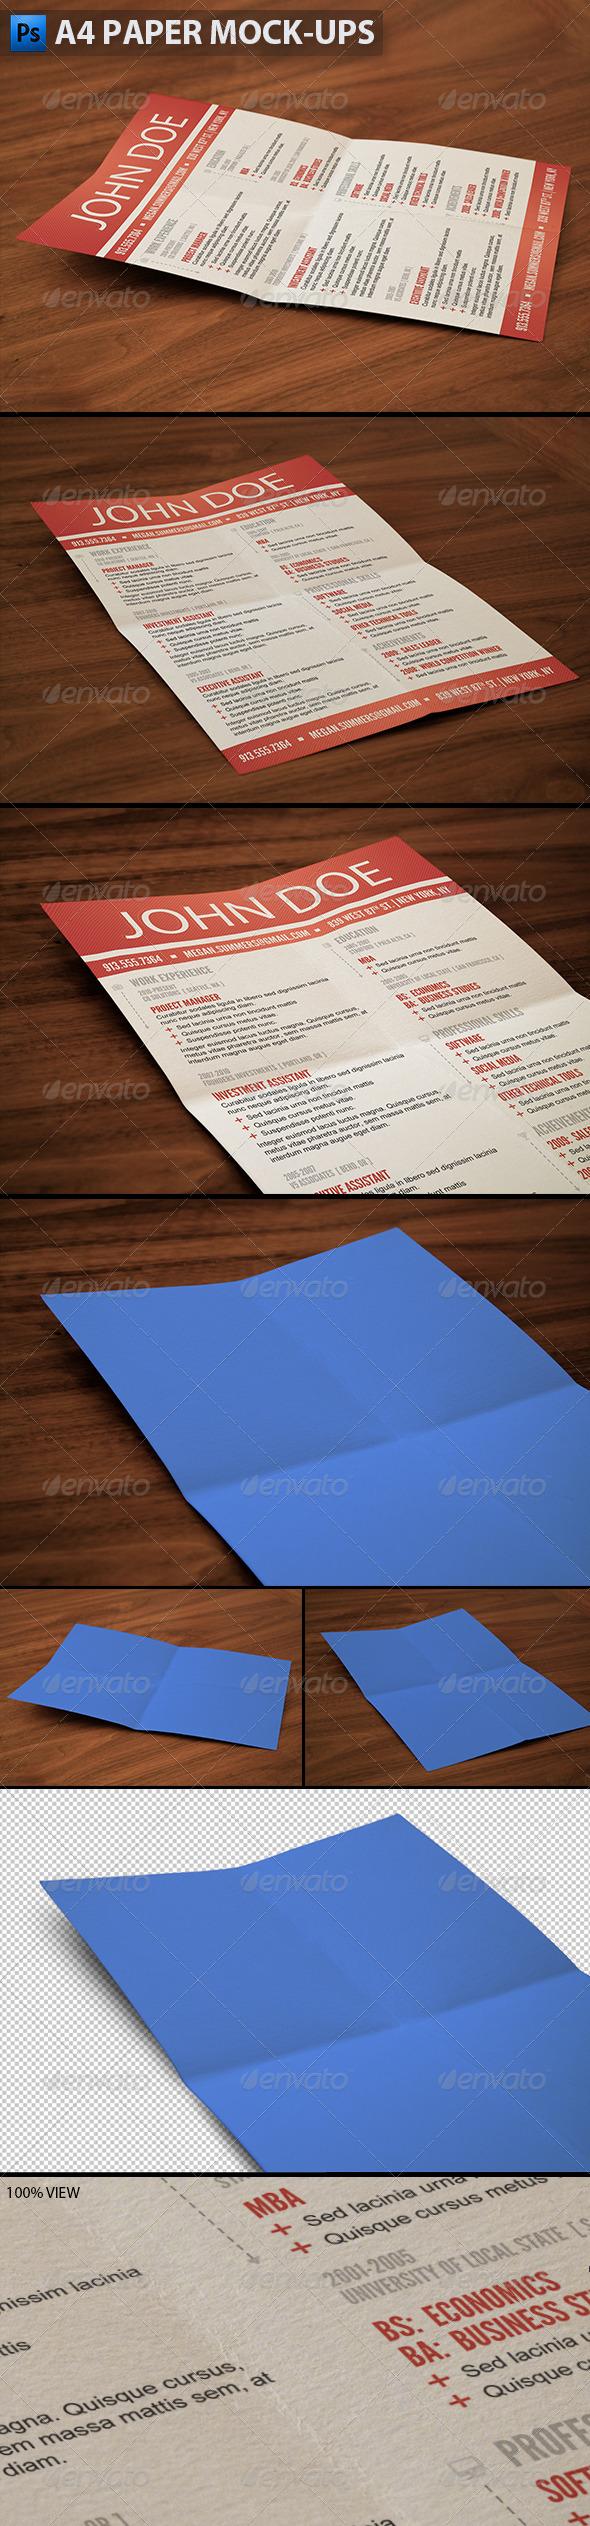 A4 Paper Mock-ups - Print Product Mock-Ups